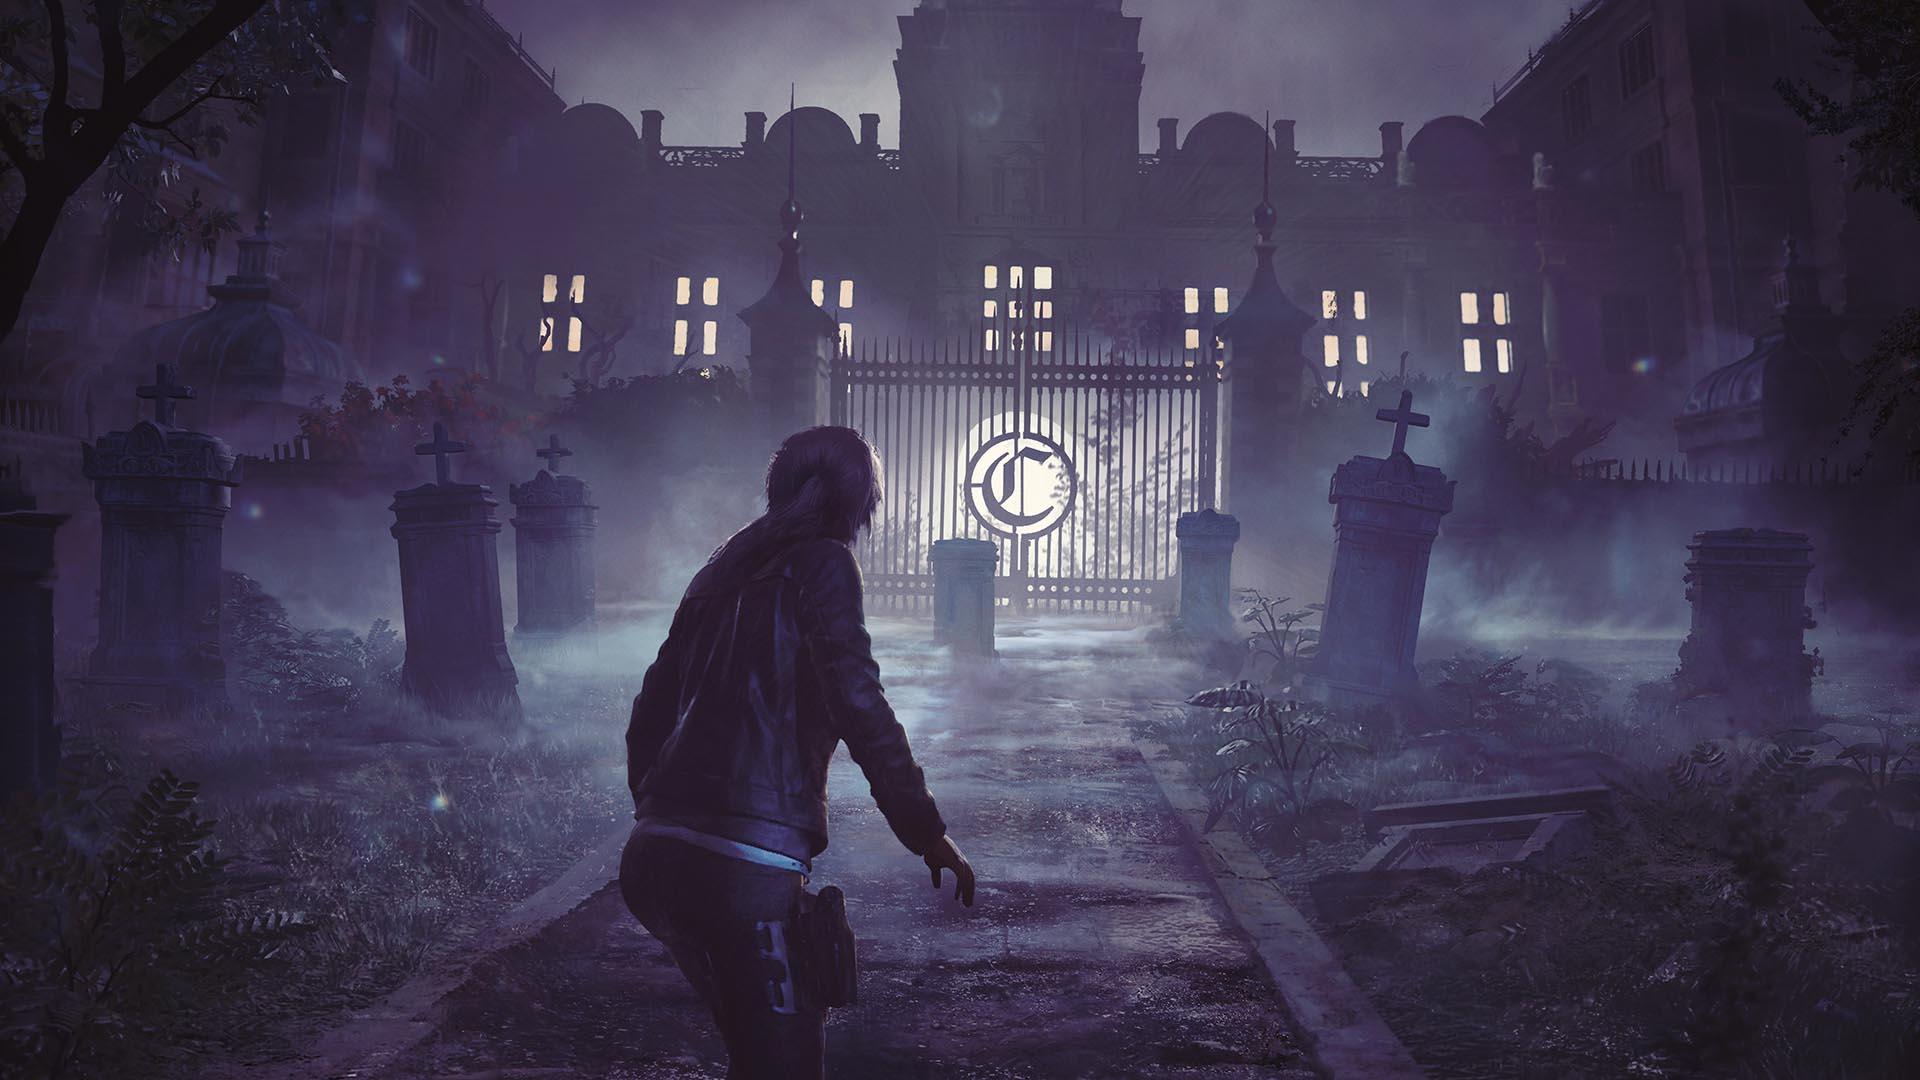 Lara entrando en la pesadilla